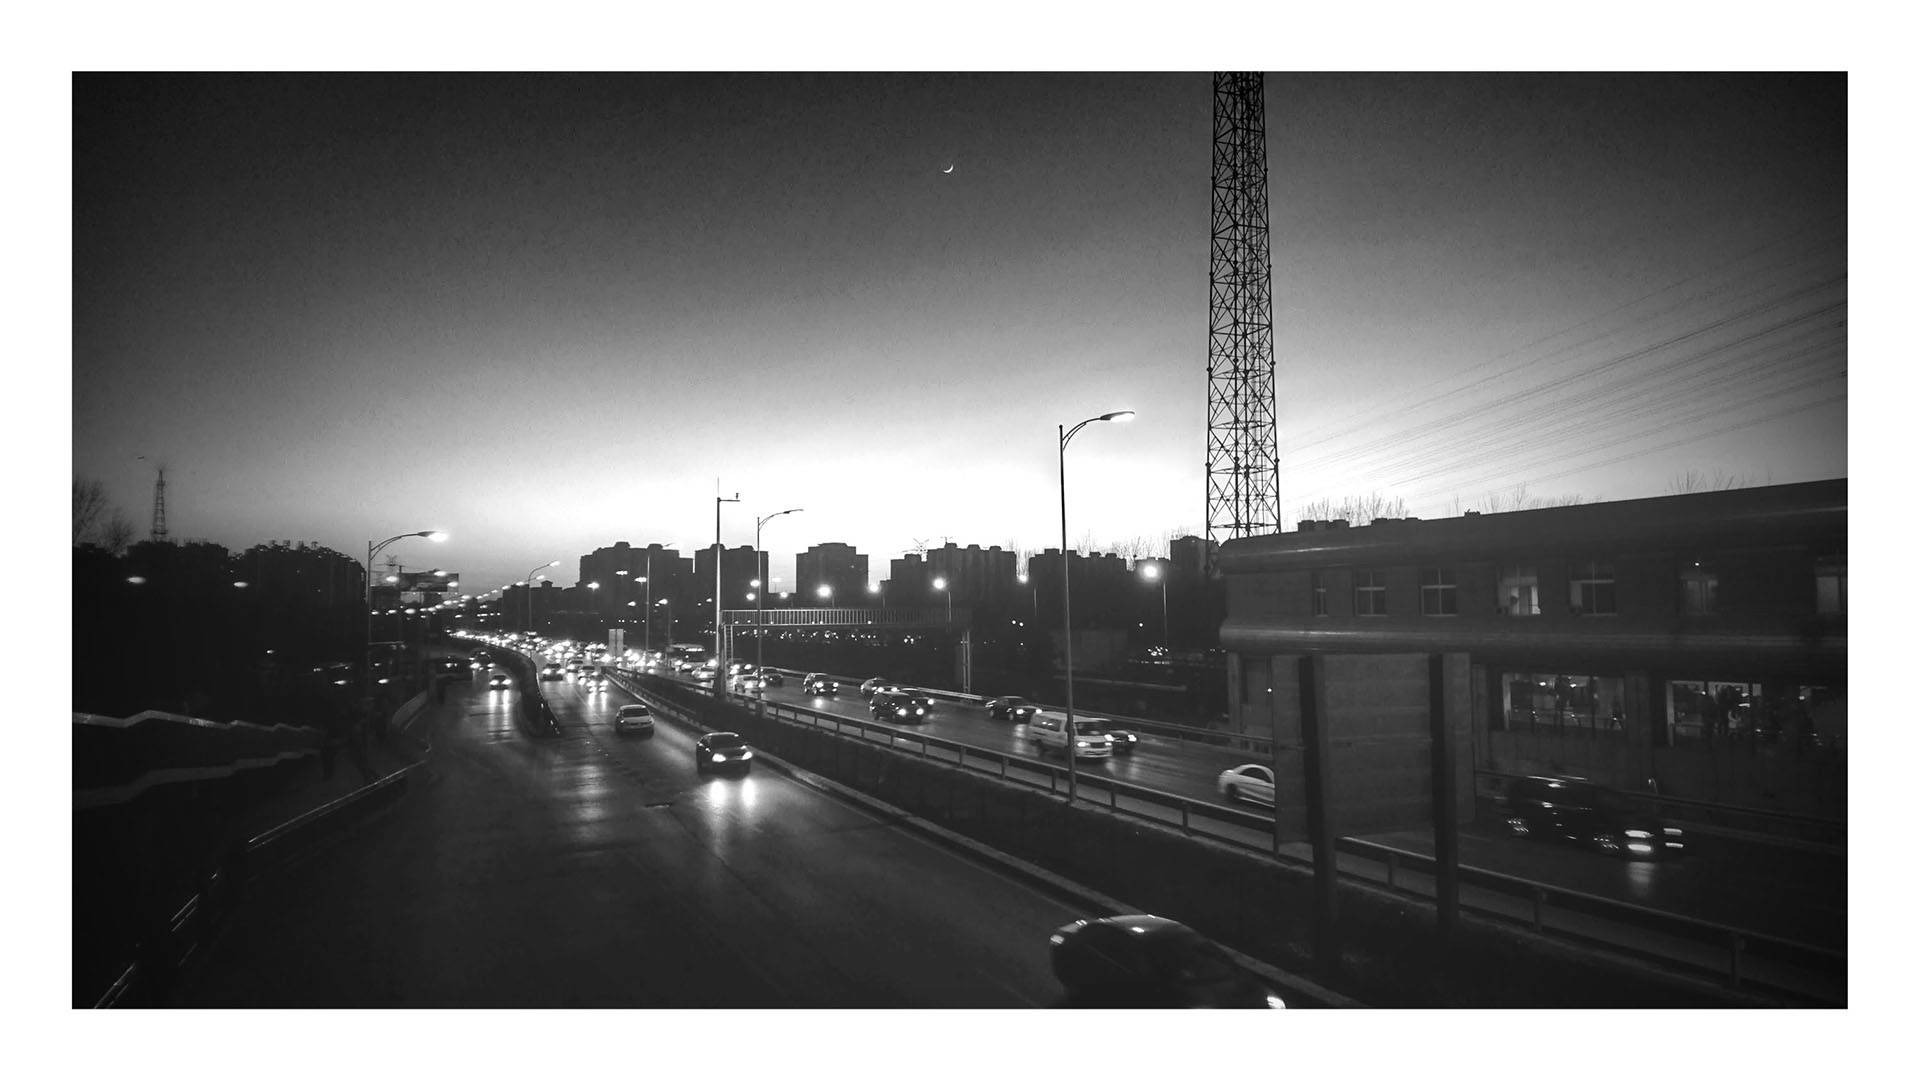 Google Photos 自动添加的黑白滤镜。拍照设备为 Sony Xperia Z5 Premium